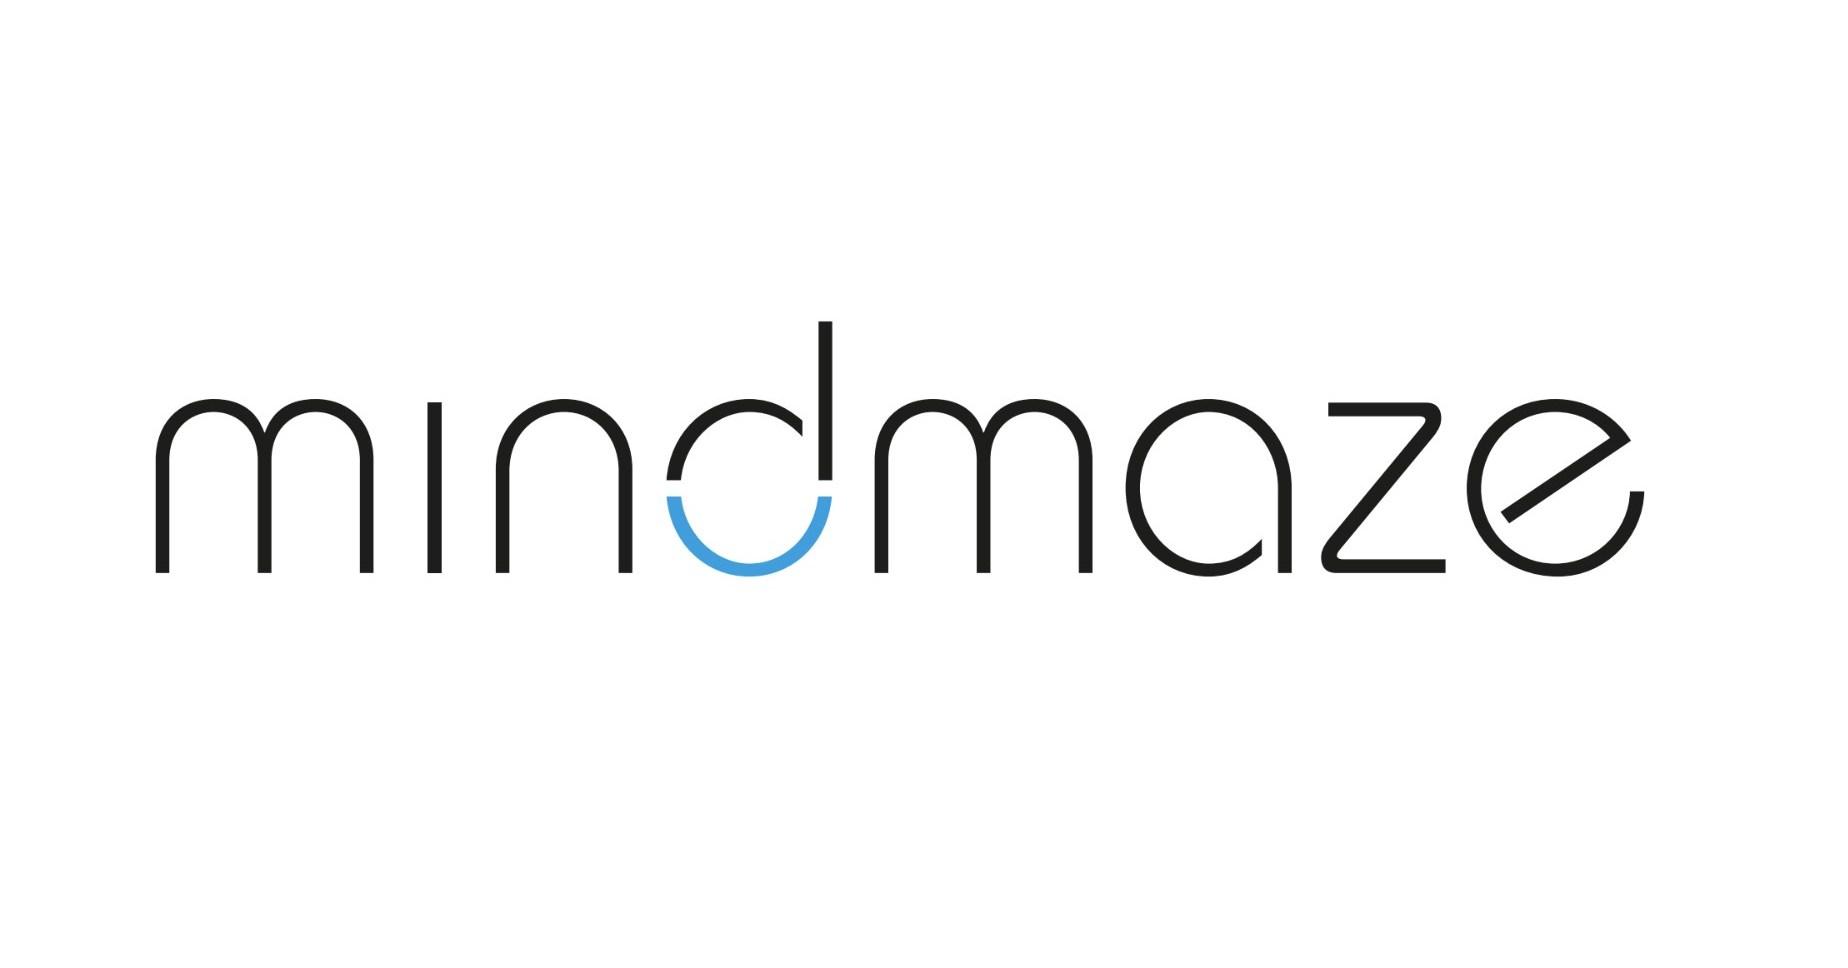 Tej Tadi, Founder & CEO, MindMaze